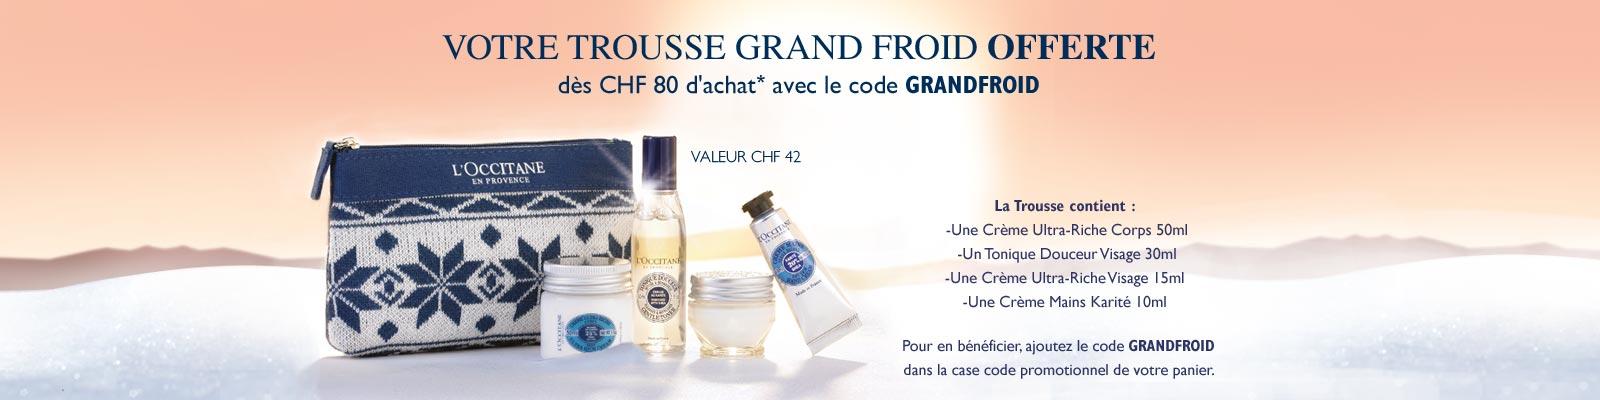 Offre Grandfroid - L'Occitane France